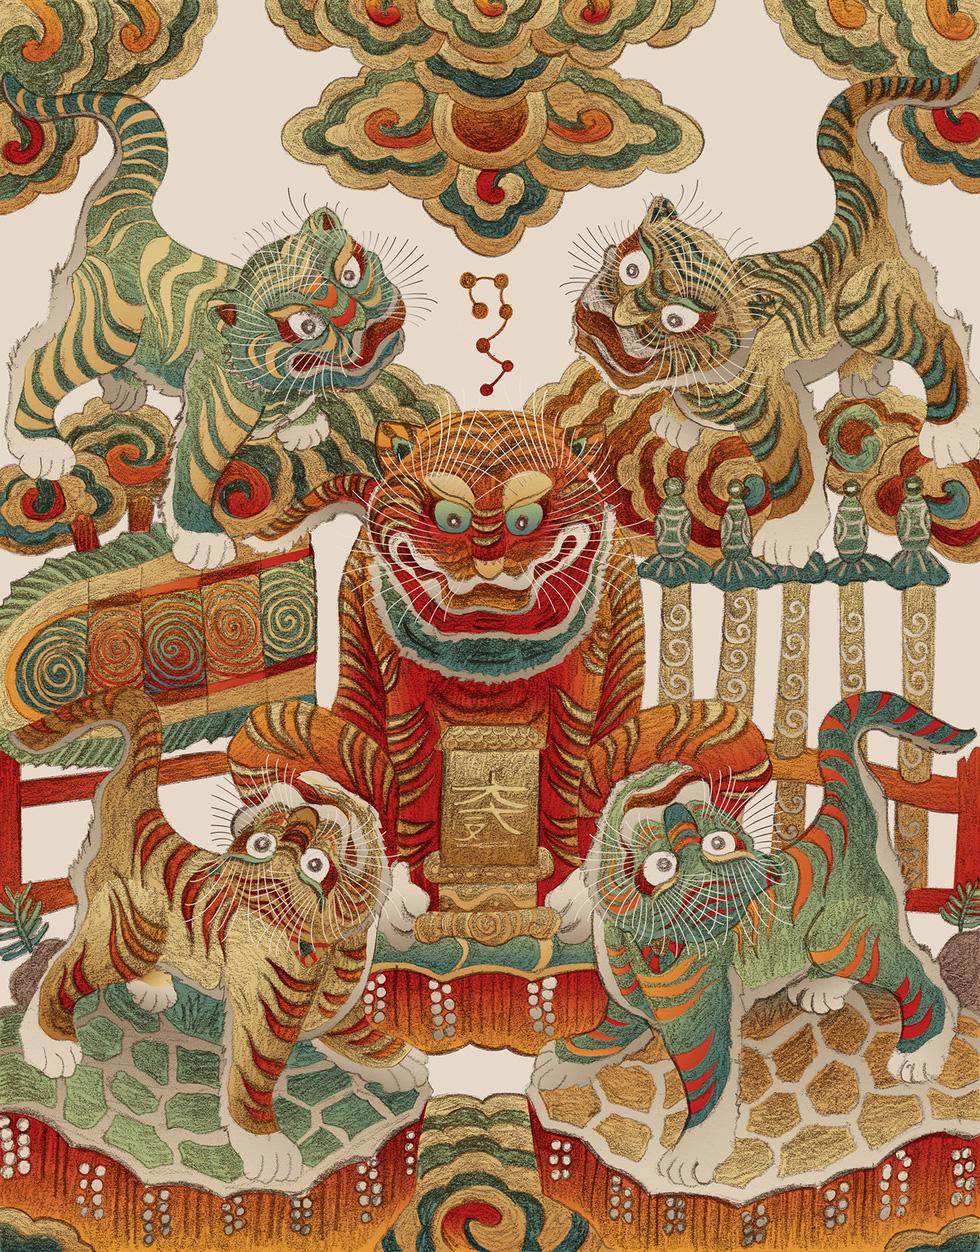 Tranh dân gian Đông Hồ - Hàng Trống trong một diện mạo khác - Ảnh 7.